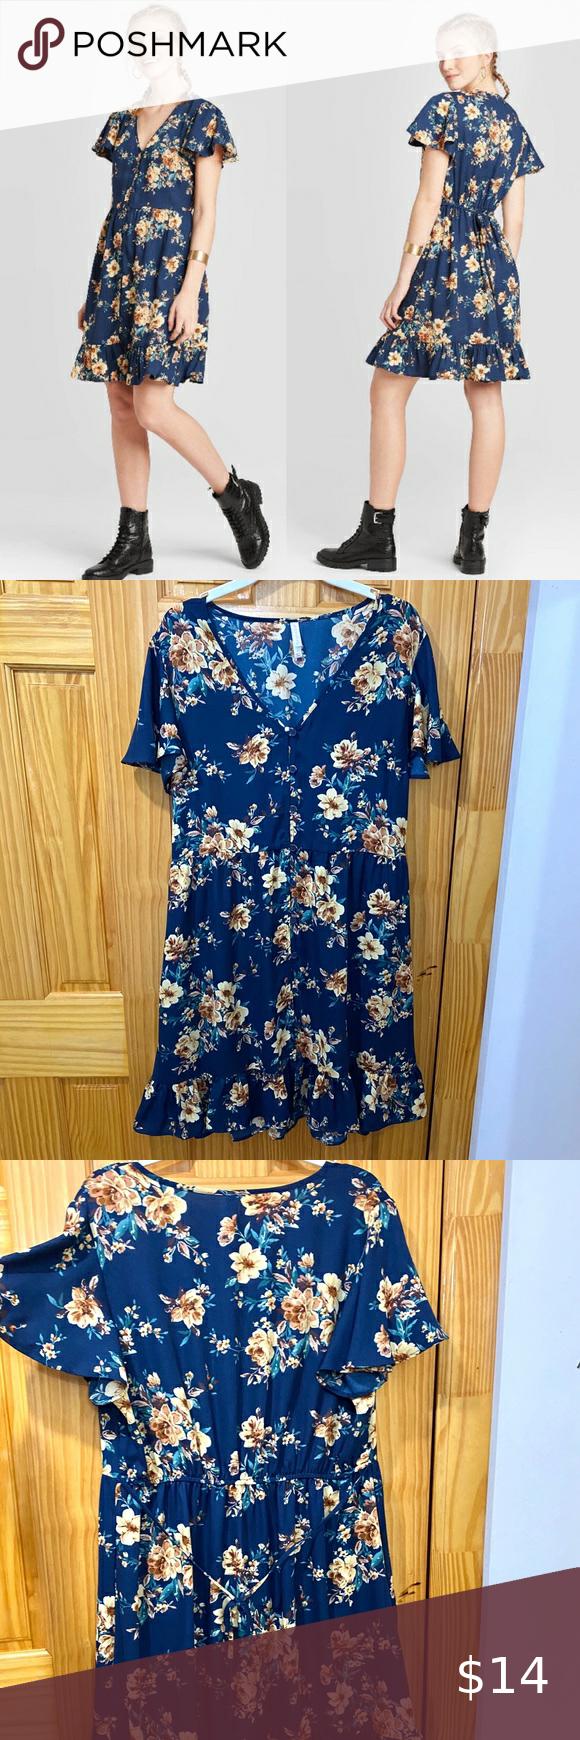 Xhilaration Blue Floral Button Down Dress Large Xhilaration Women S Blue Floral Button Down Dress Target V Neck Siz In 2020 Button Down Dress Floral Button Dresses [ 1740 x 580 Pixel ]